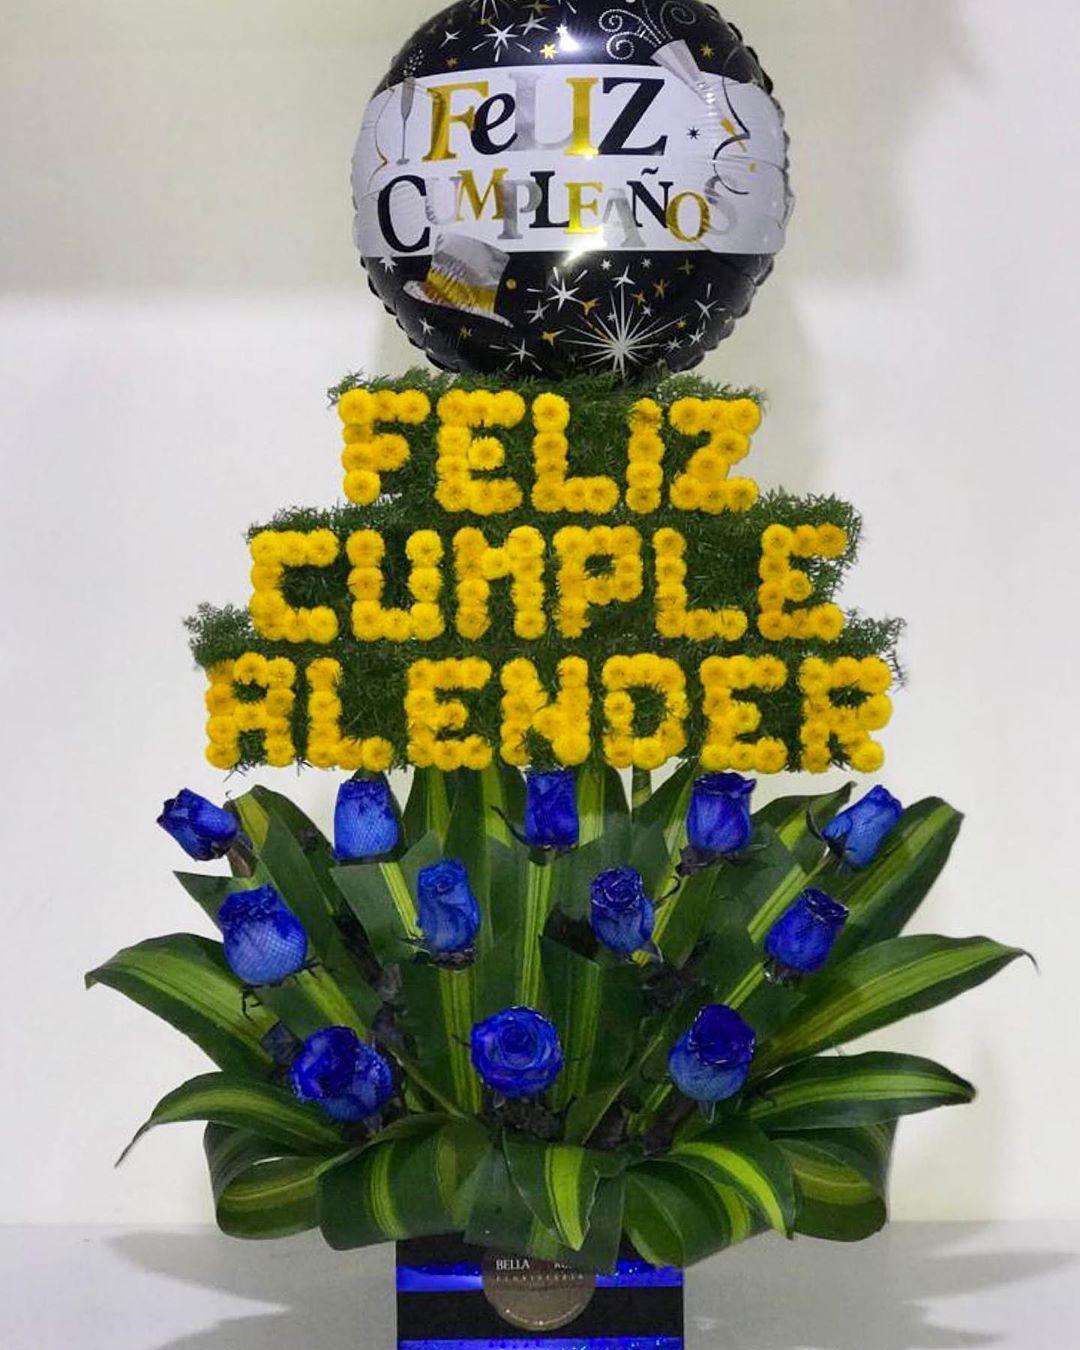 Nuestros caballeros también reciben hermosos detalles 💙💙💙 . .  Gracias por confiar en nosotros esos momentos especiales 💙 . .  Pedidos al WhatsApp al +51 986218750. 🚕🚕 Hacemos envíos en  Lima-Peru 🇵🇪 y Caracas -Venezuela 🇻🇪 . .  #felizcumpleaños #happybirthday  #cumpleaños #rosas #roses #peluche #corazon  #regalo #gift  #globos #balloons #amor #love #floristeriaenlima #floresadomicilio #floristeria #cumpleaños